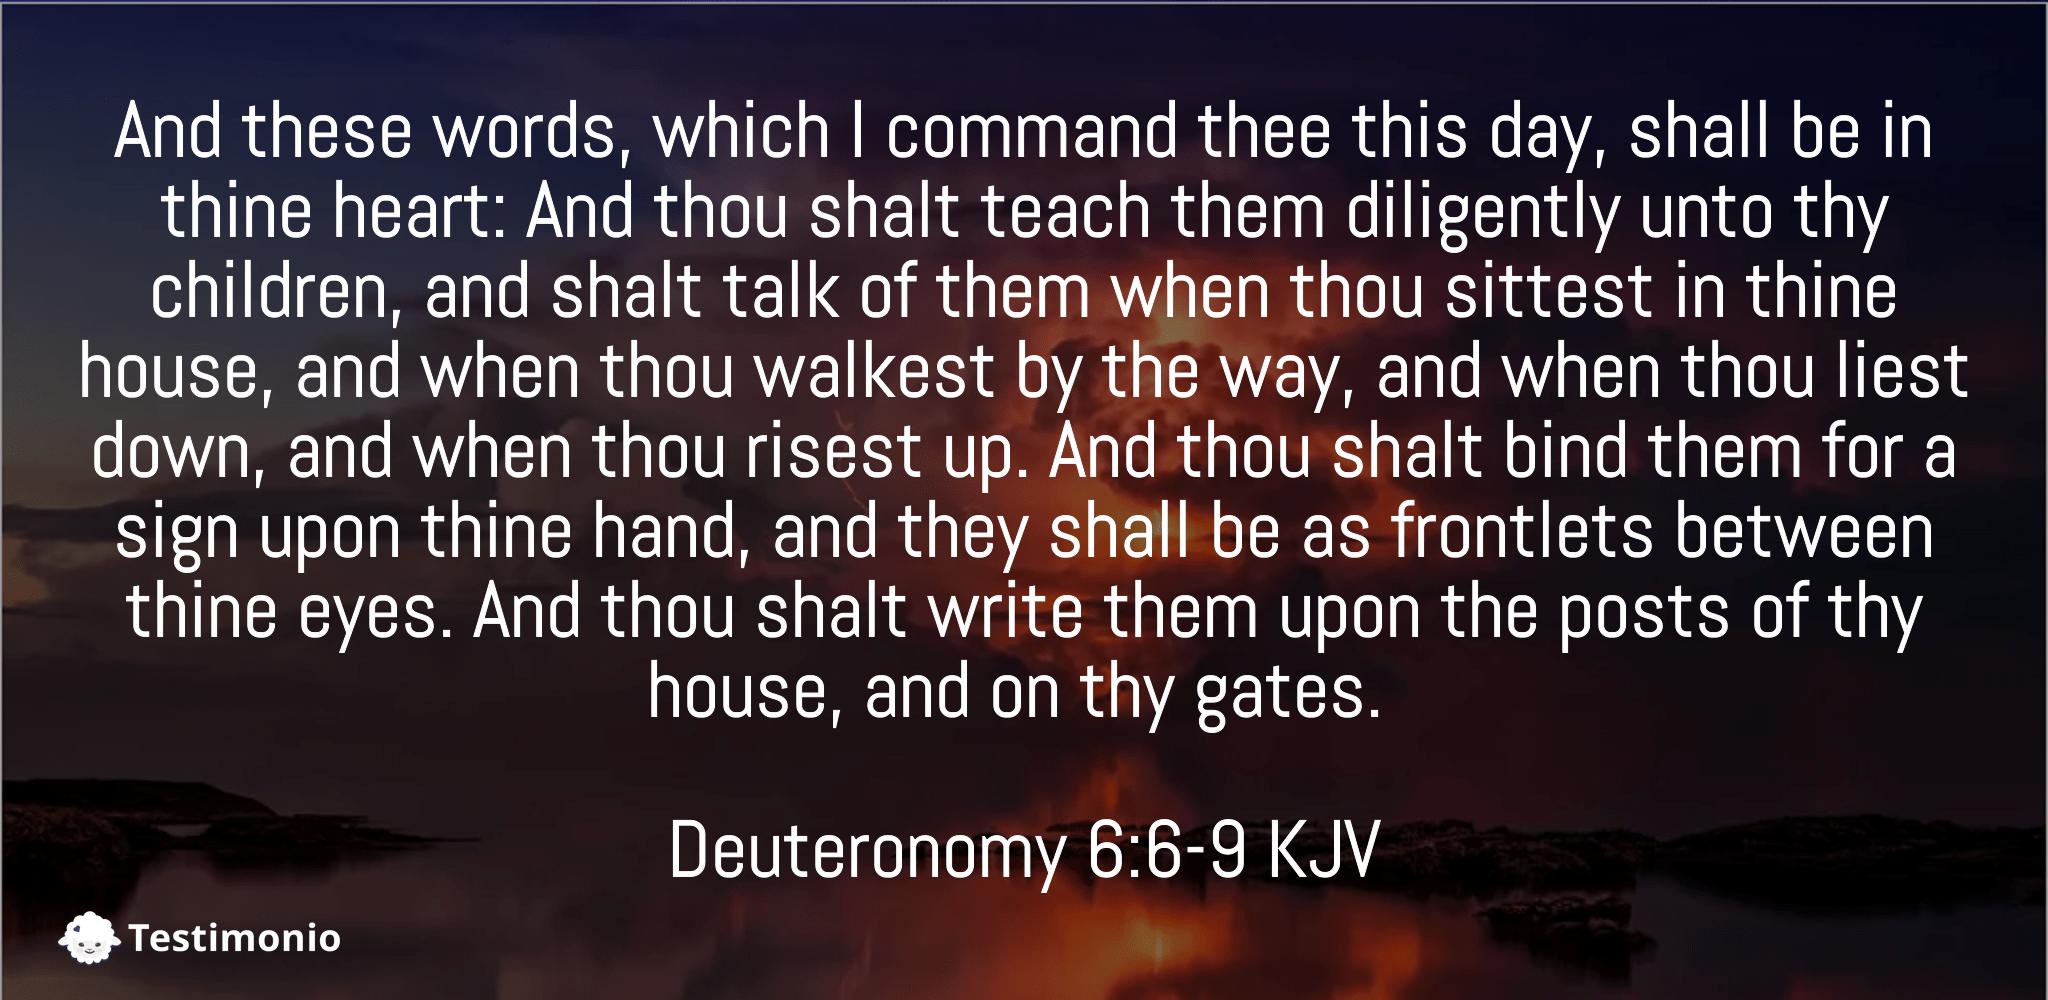 Deuteronomy 6:6-9